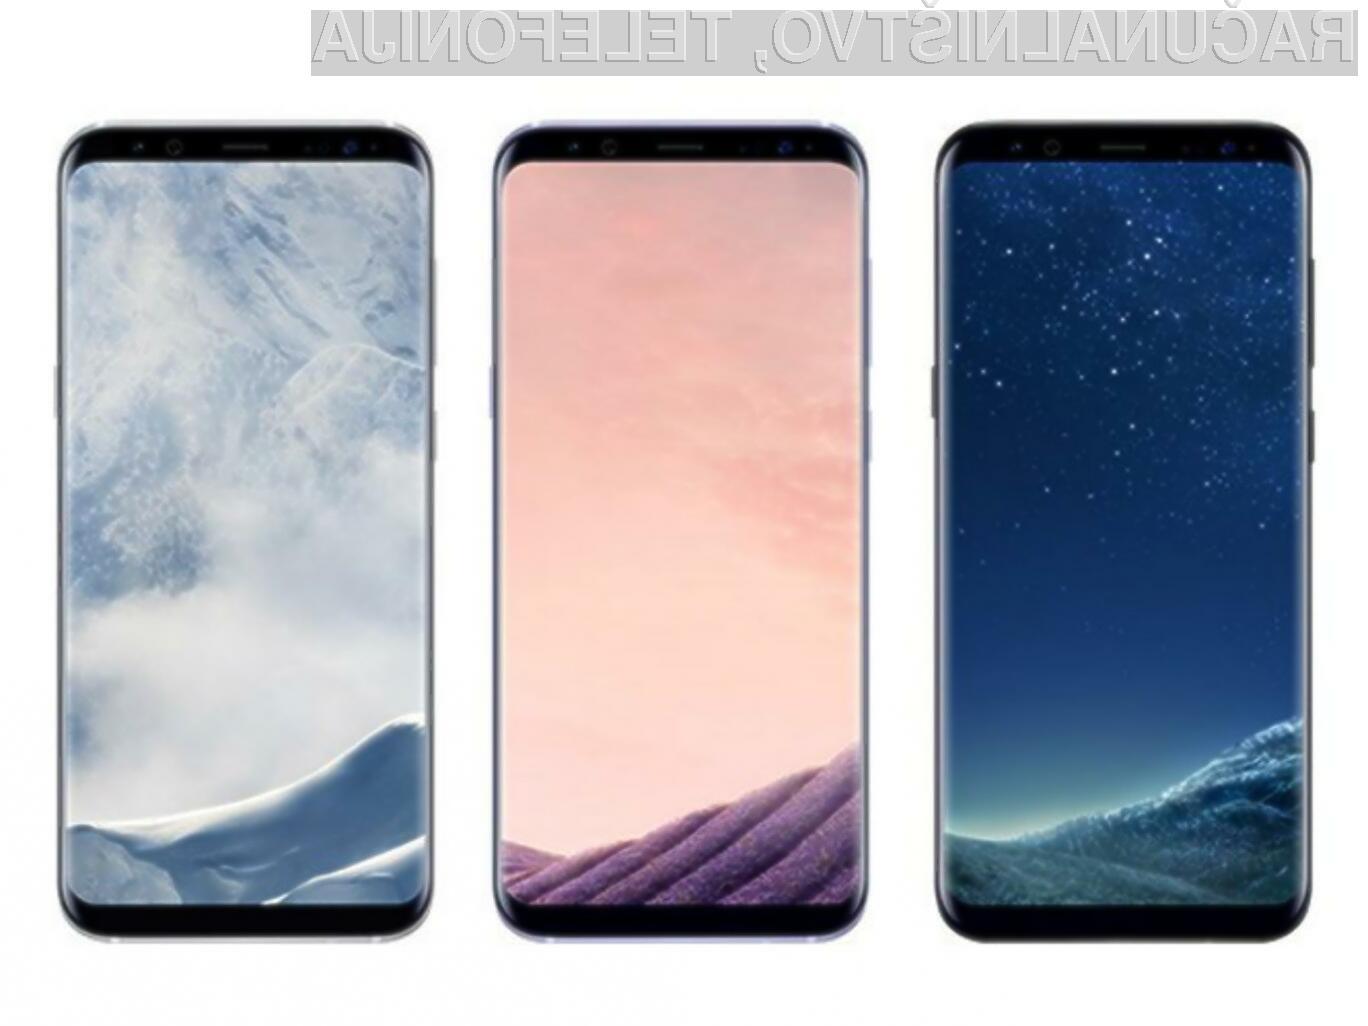 Za vstopno različico pametnega mobilnega telefona Samsung Galaxy S8 naj bi bilo treba odšteti le okoli 800 evrov.